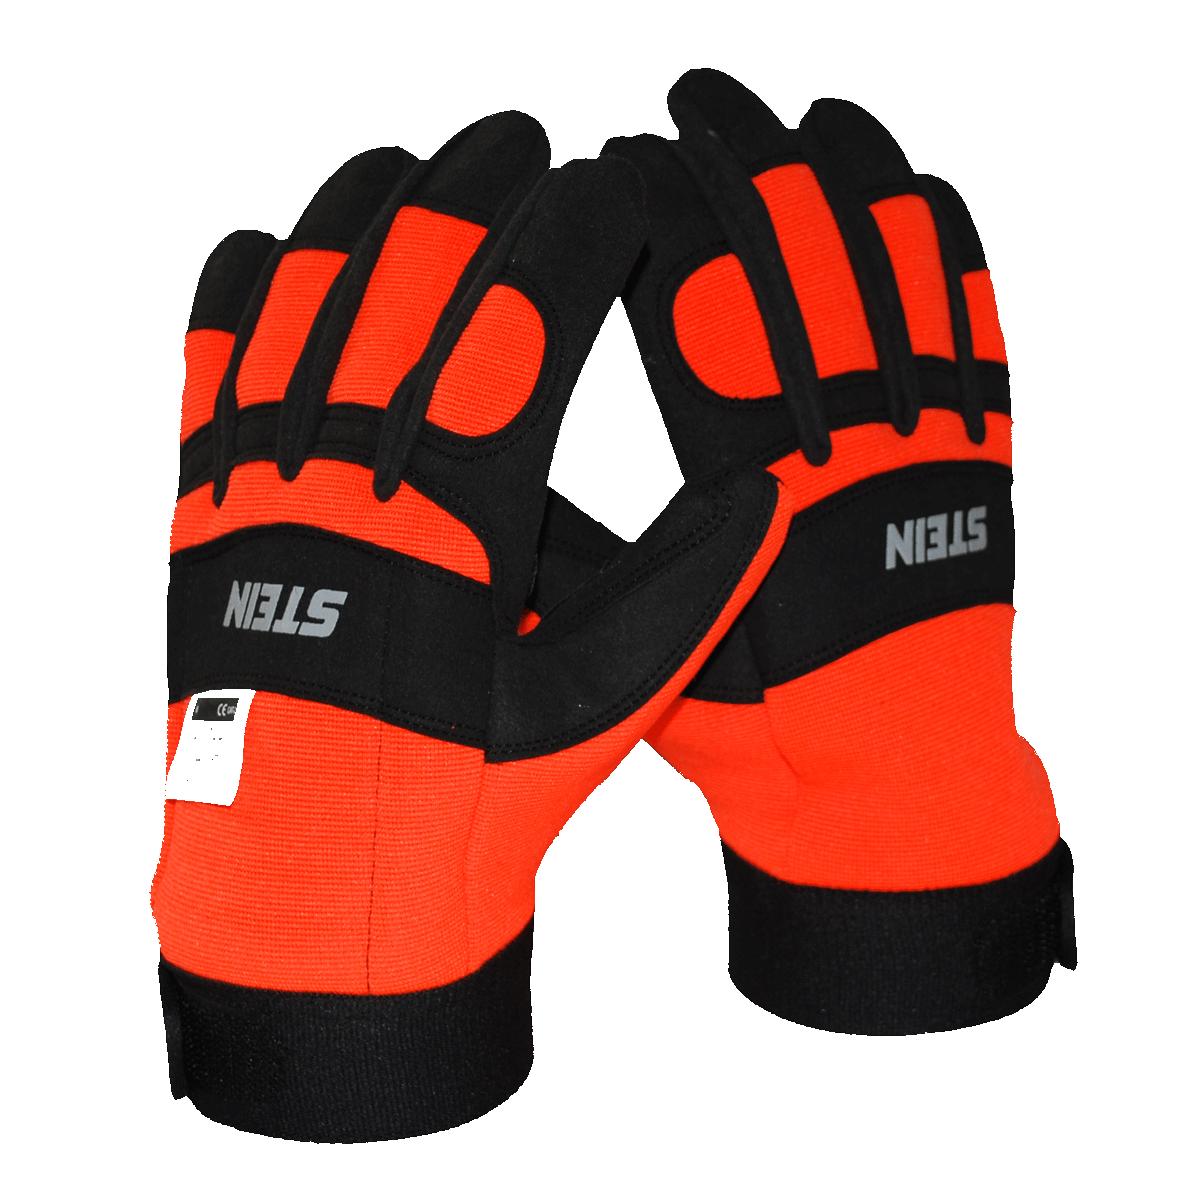 Stein Chainsaw Resistant Gloves